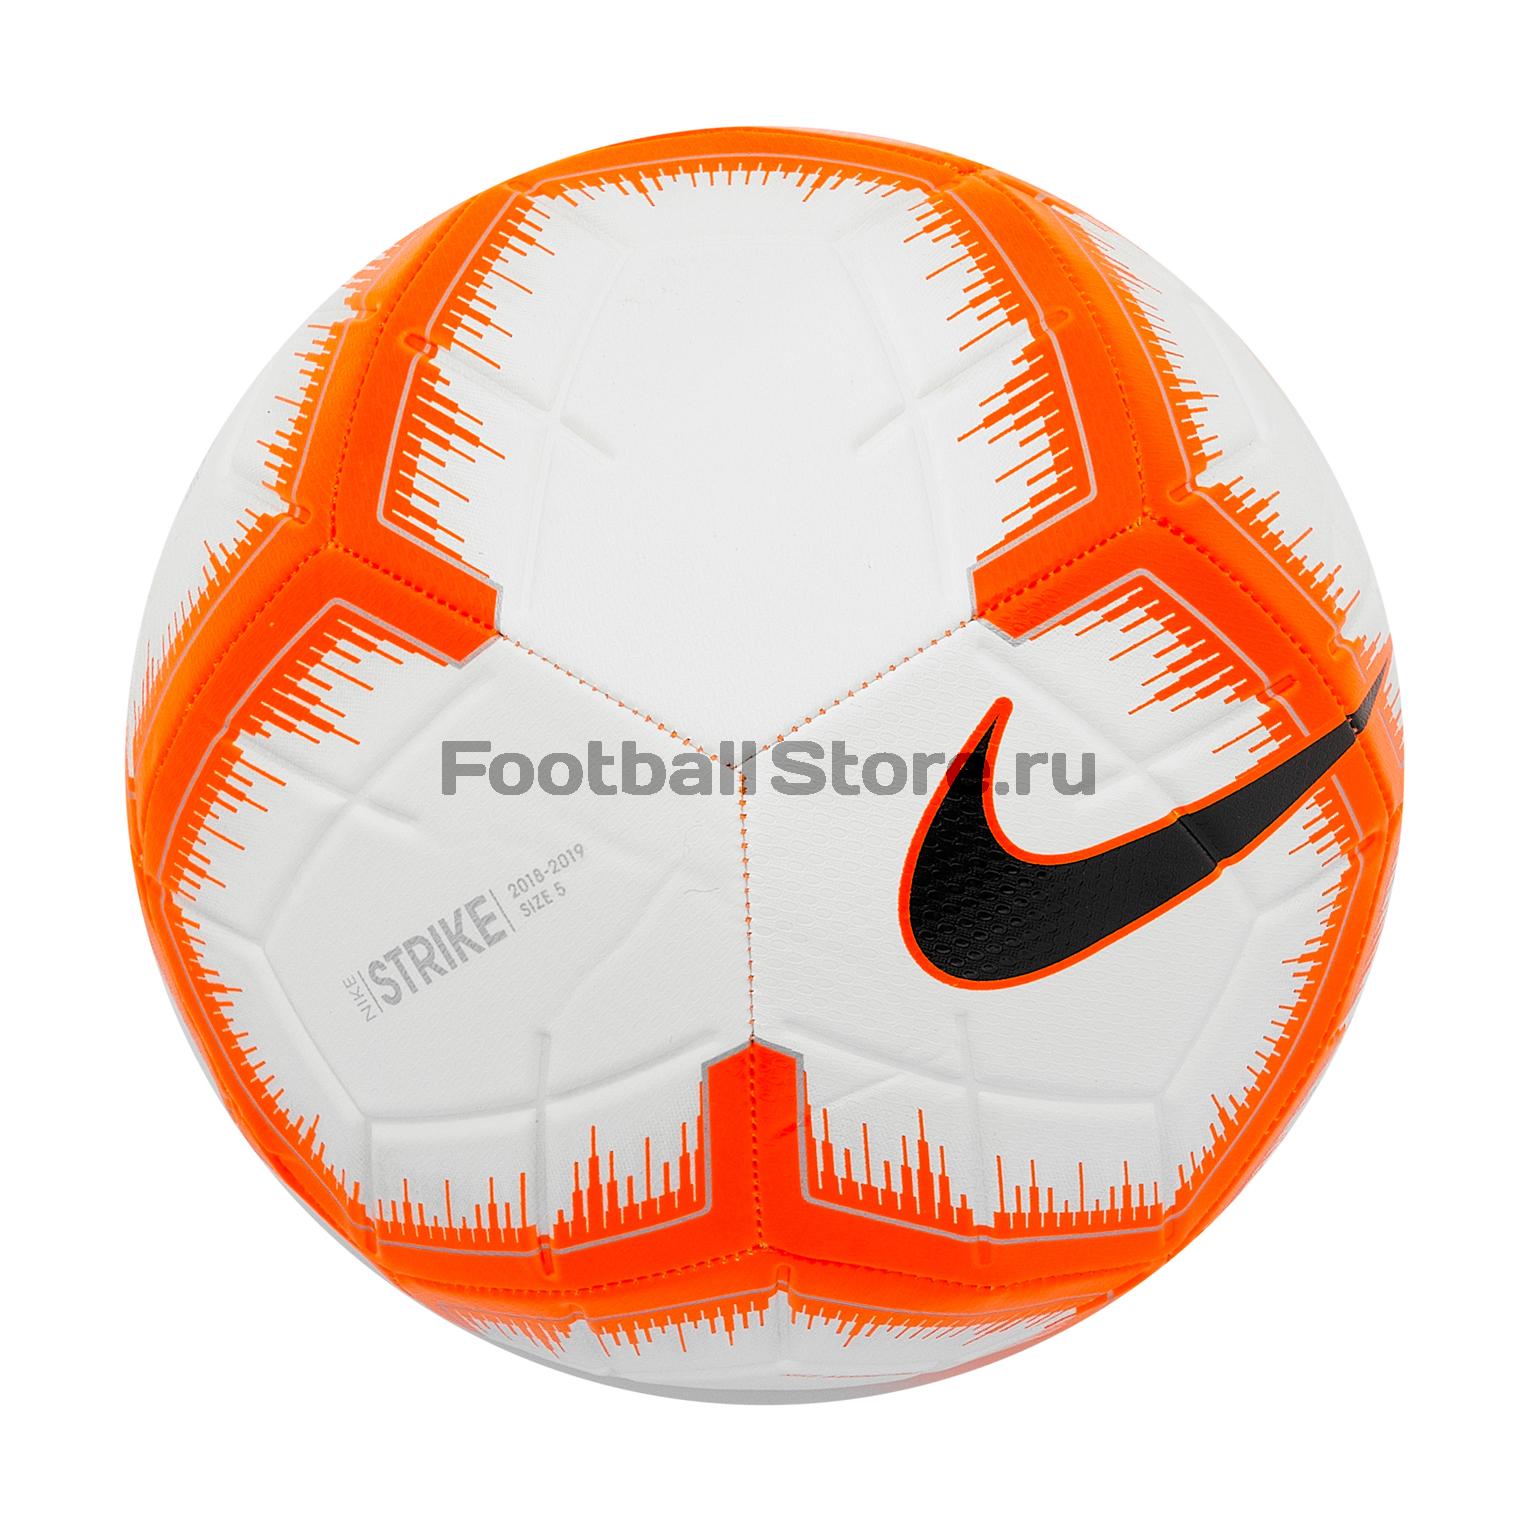 Футбольный мяч Nike Strike SC3310-103 все цены